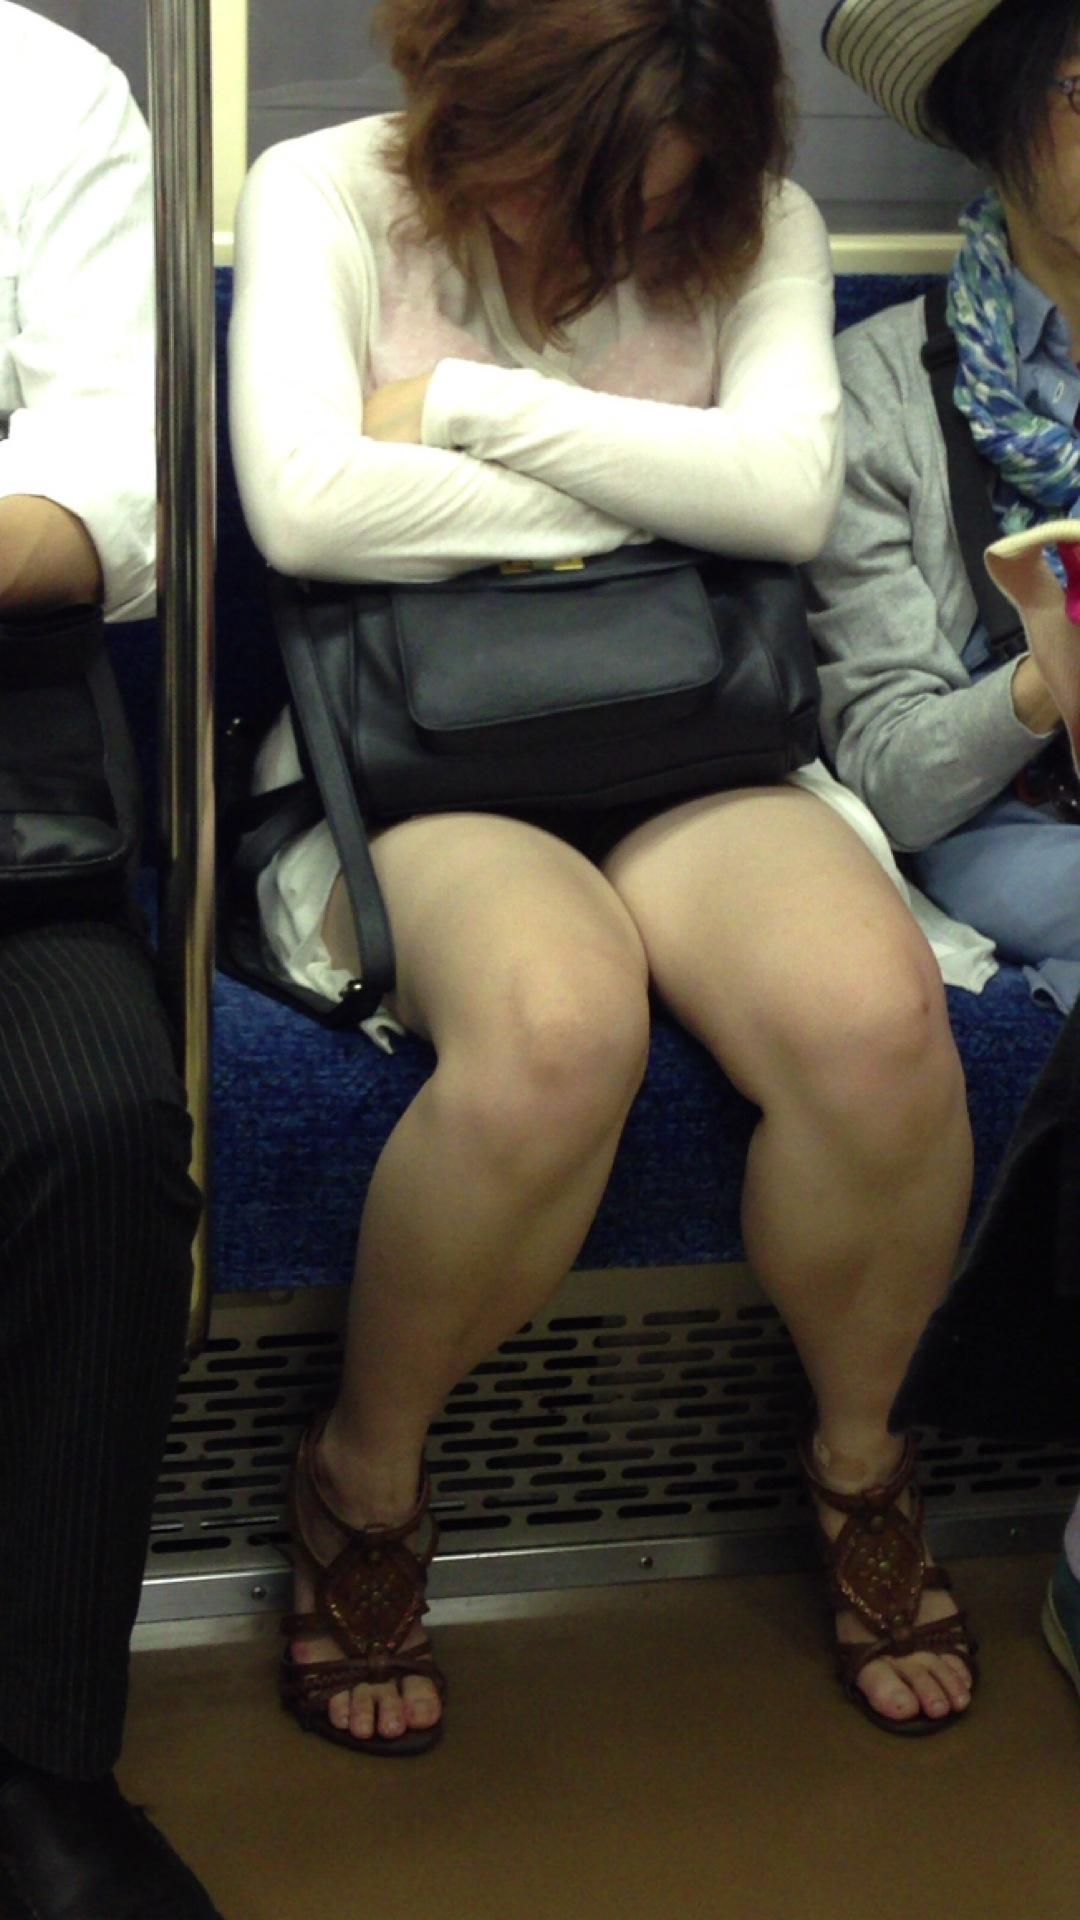 【パンチラエロ画像】長旅ほど見る時間も長いw電車内の丸見えパンチラ監視www 24